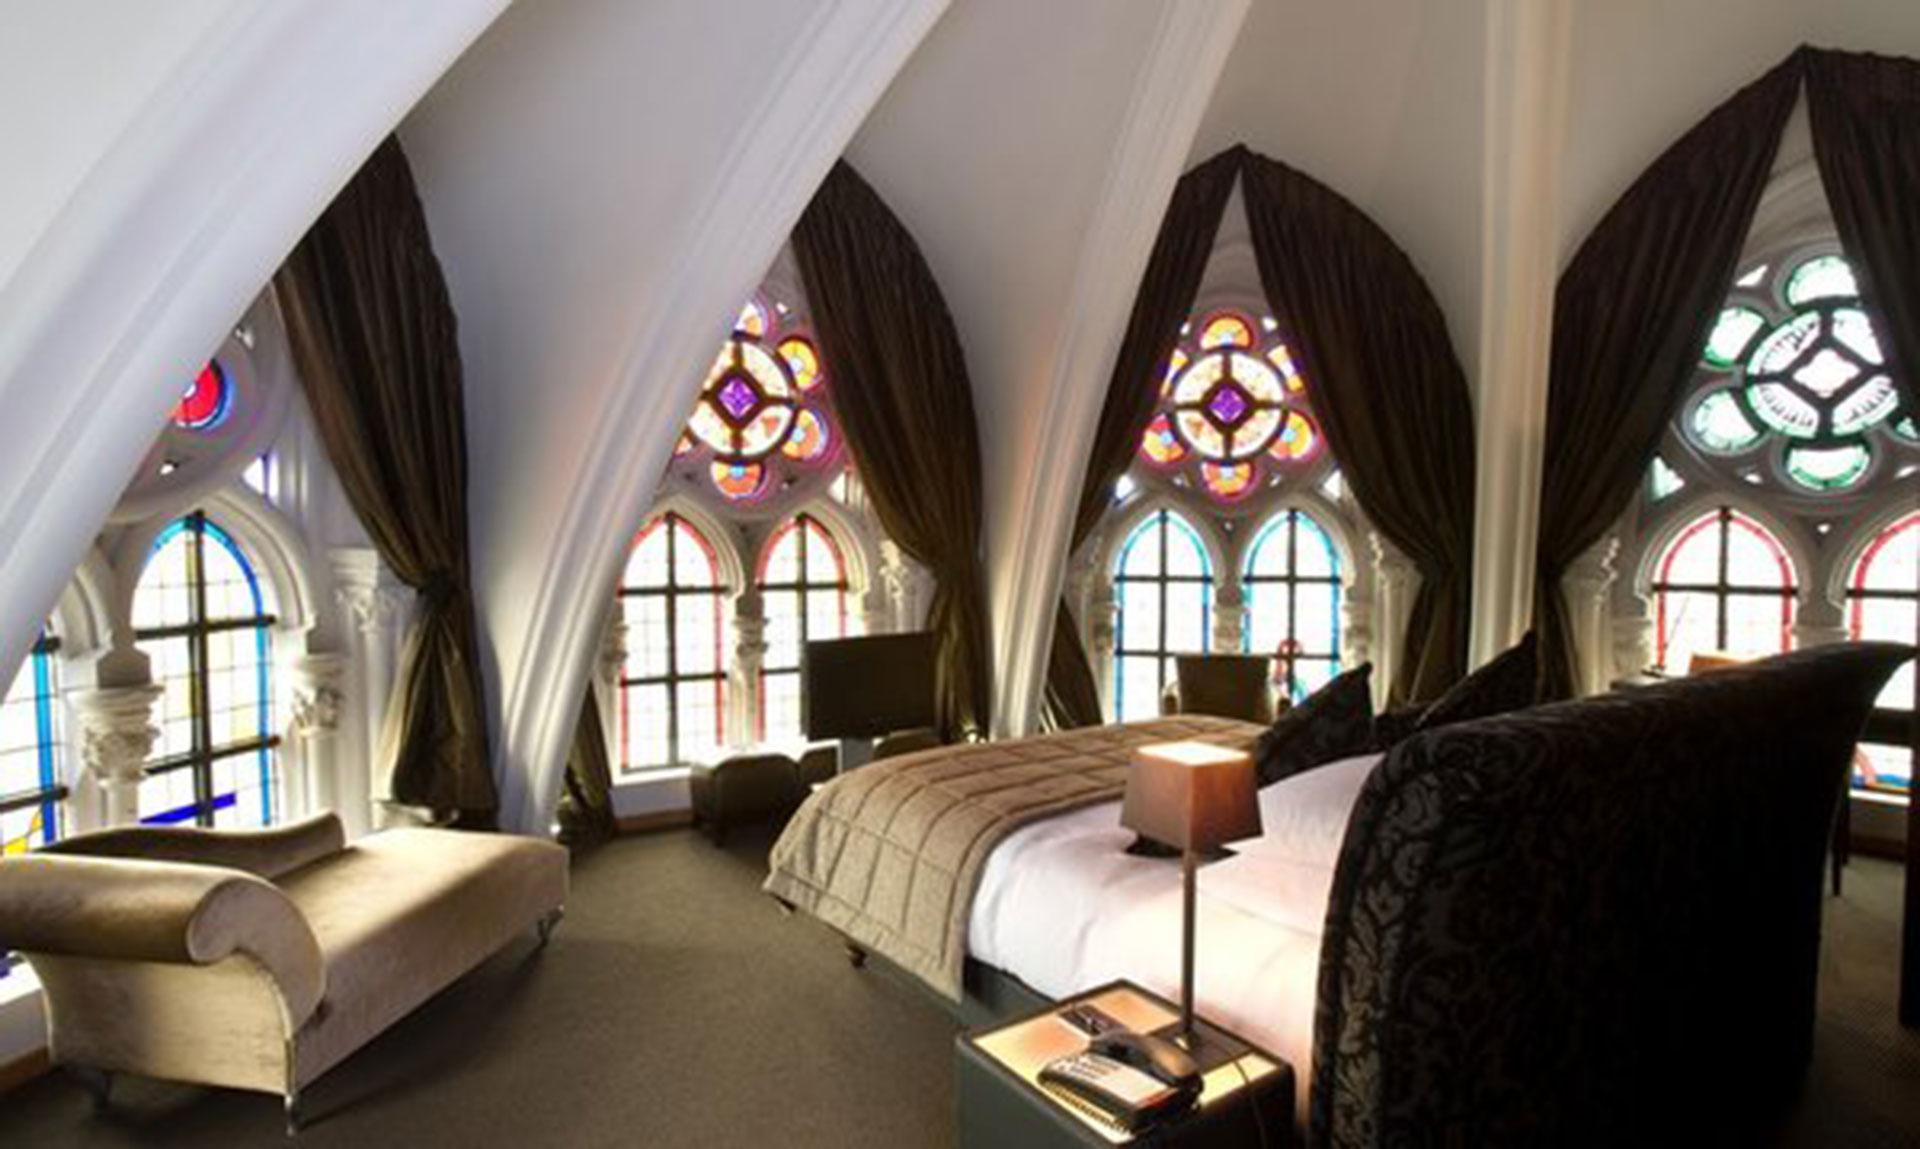 Martin's Patershof (Mechelen, Bélgica). Este hotel construido dentro de lo que era una antigua iglesia franciscana tiene cuartos adornados con sus propios vitraux